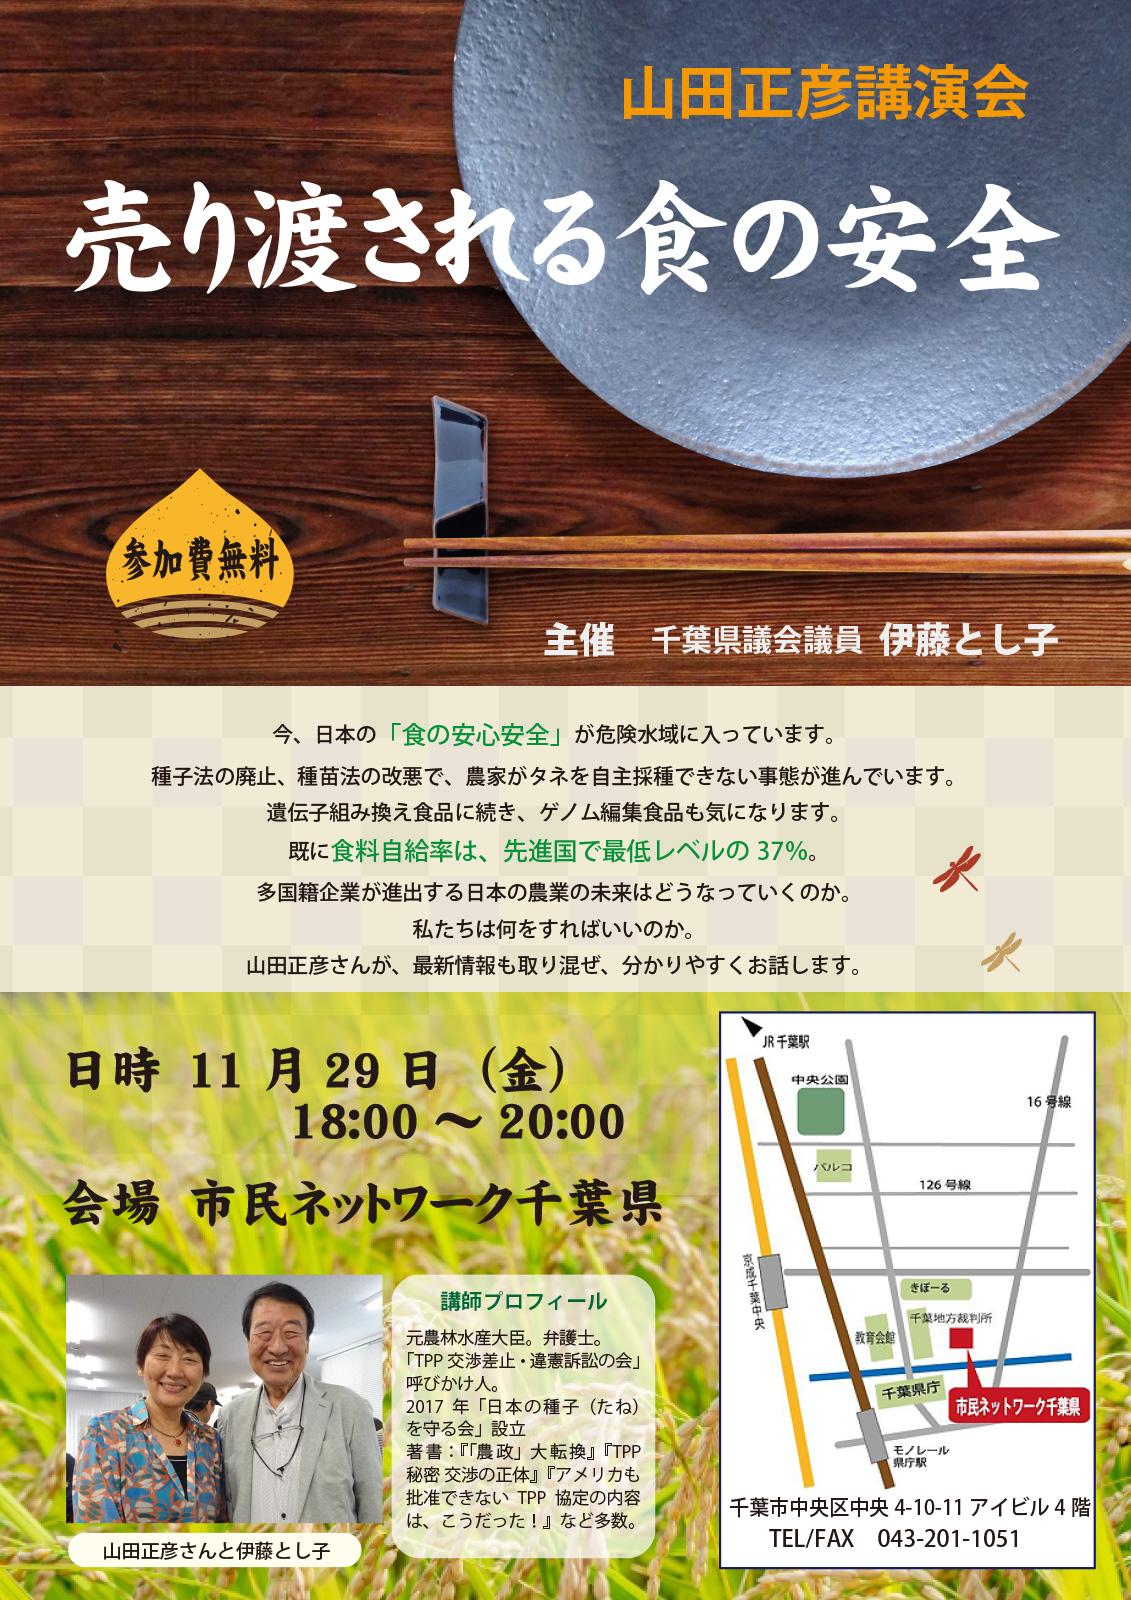 11月29日(金) 山田正彦講演会「売り渡される食の安全」のご案内